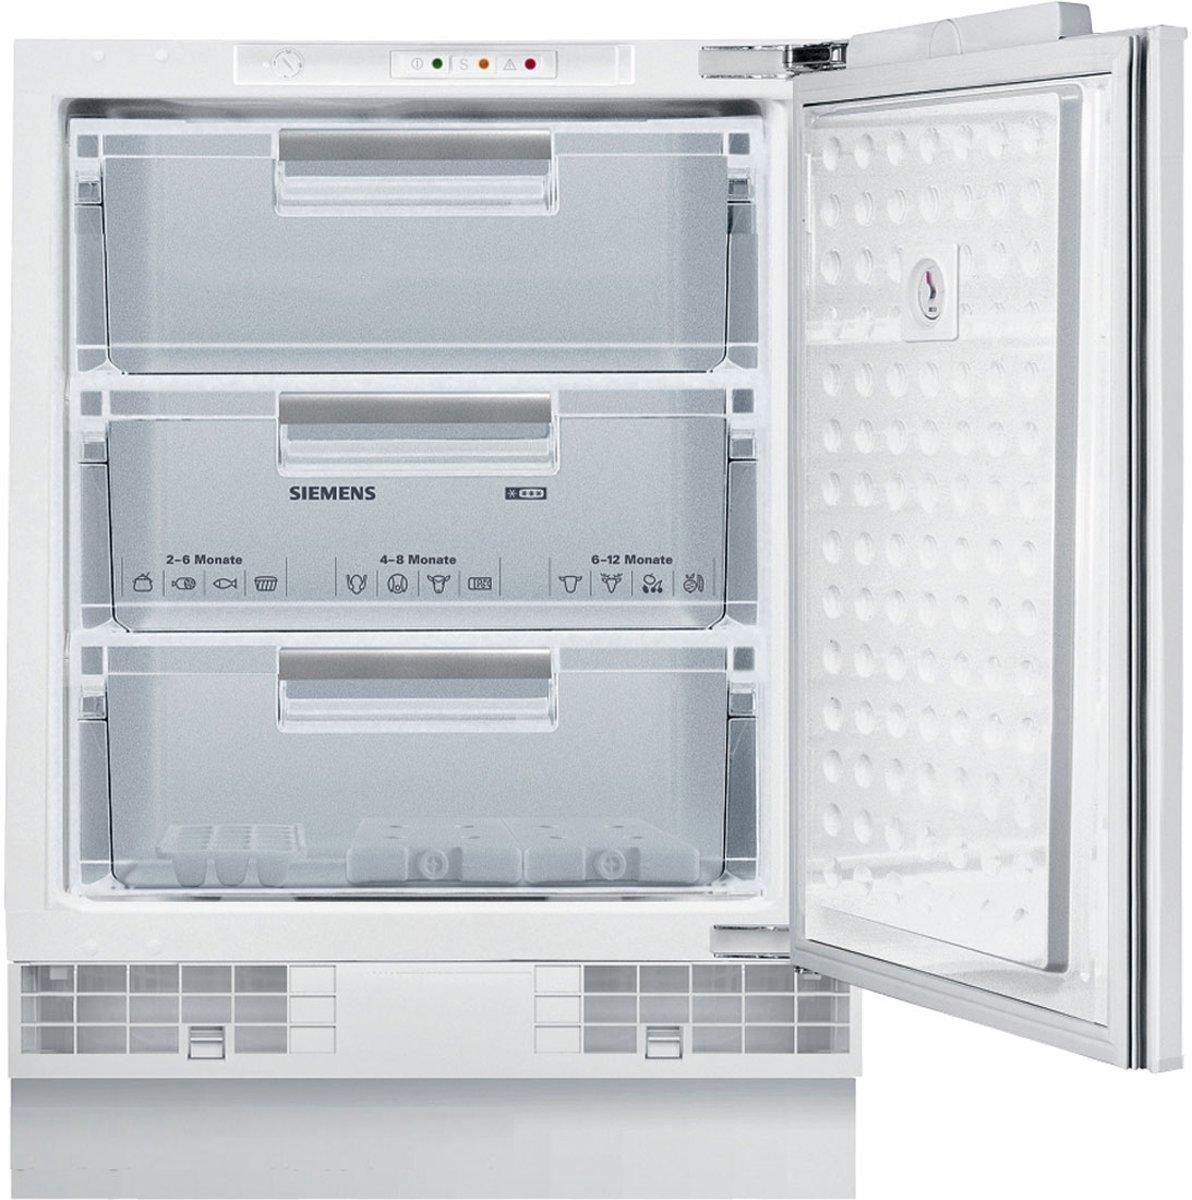 Siemens iQ500 GU15DA50 inbouw vriezer kopen